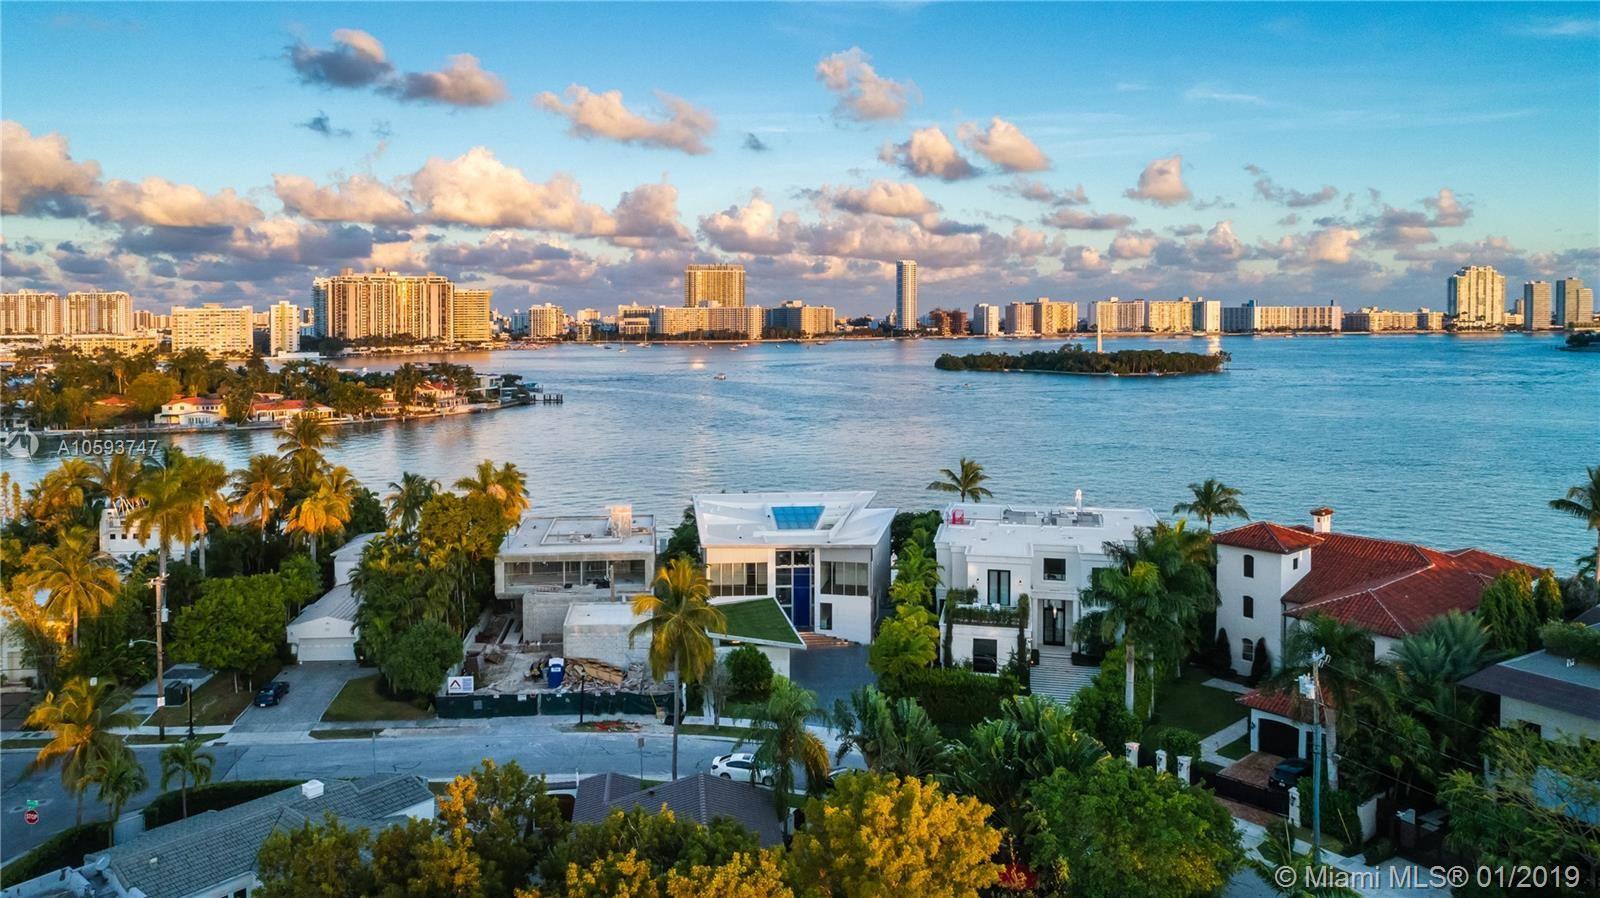 Photo 31 of Listing MLS a10593747 in 35 E Dilido Dr Miami Beach FL 33139